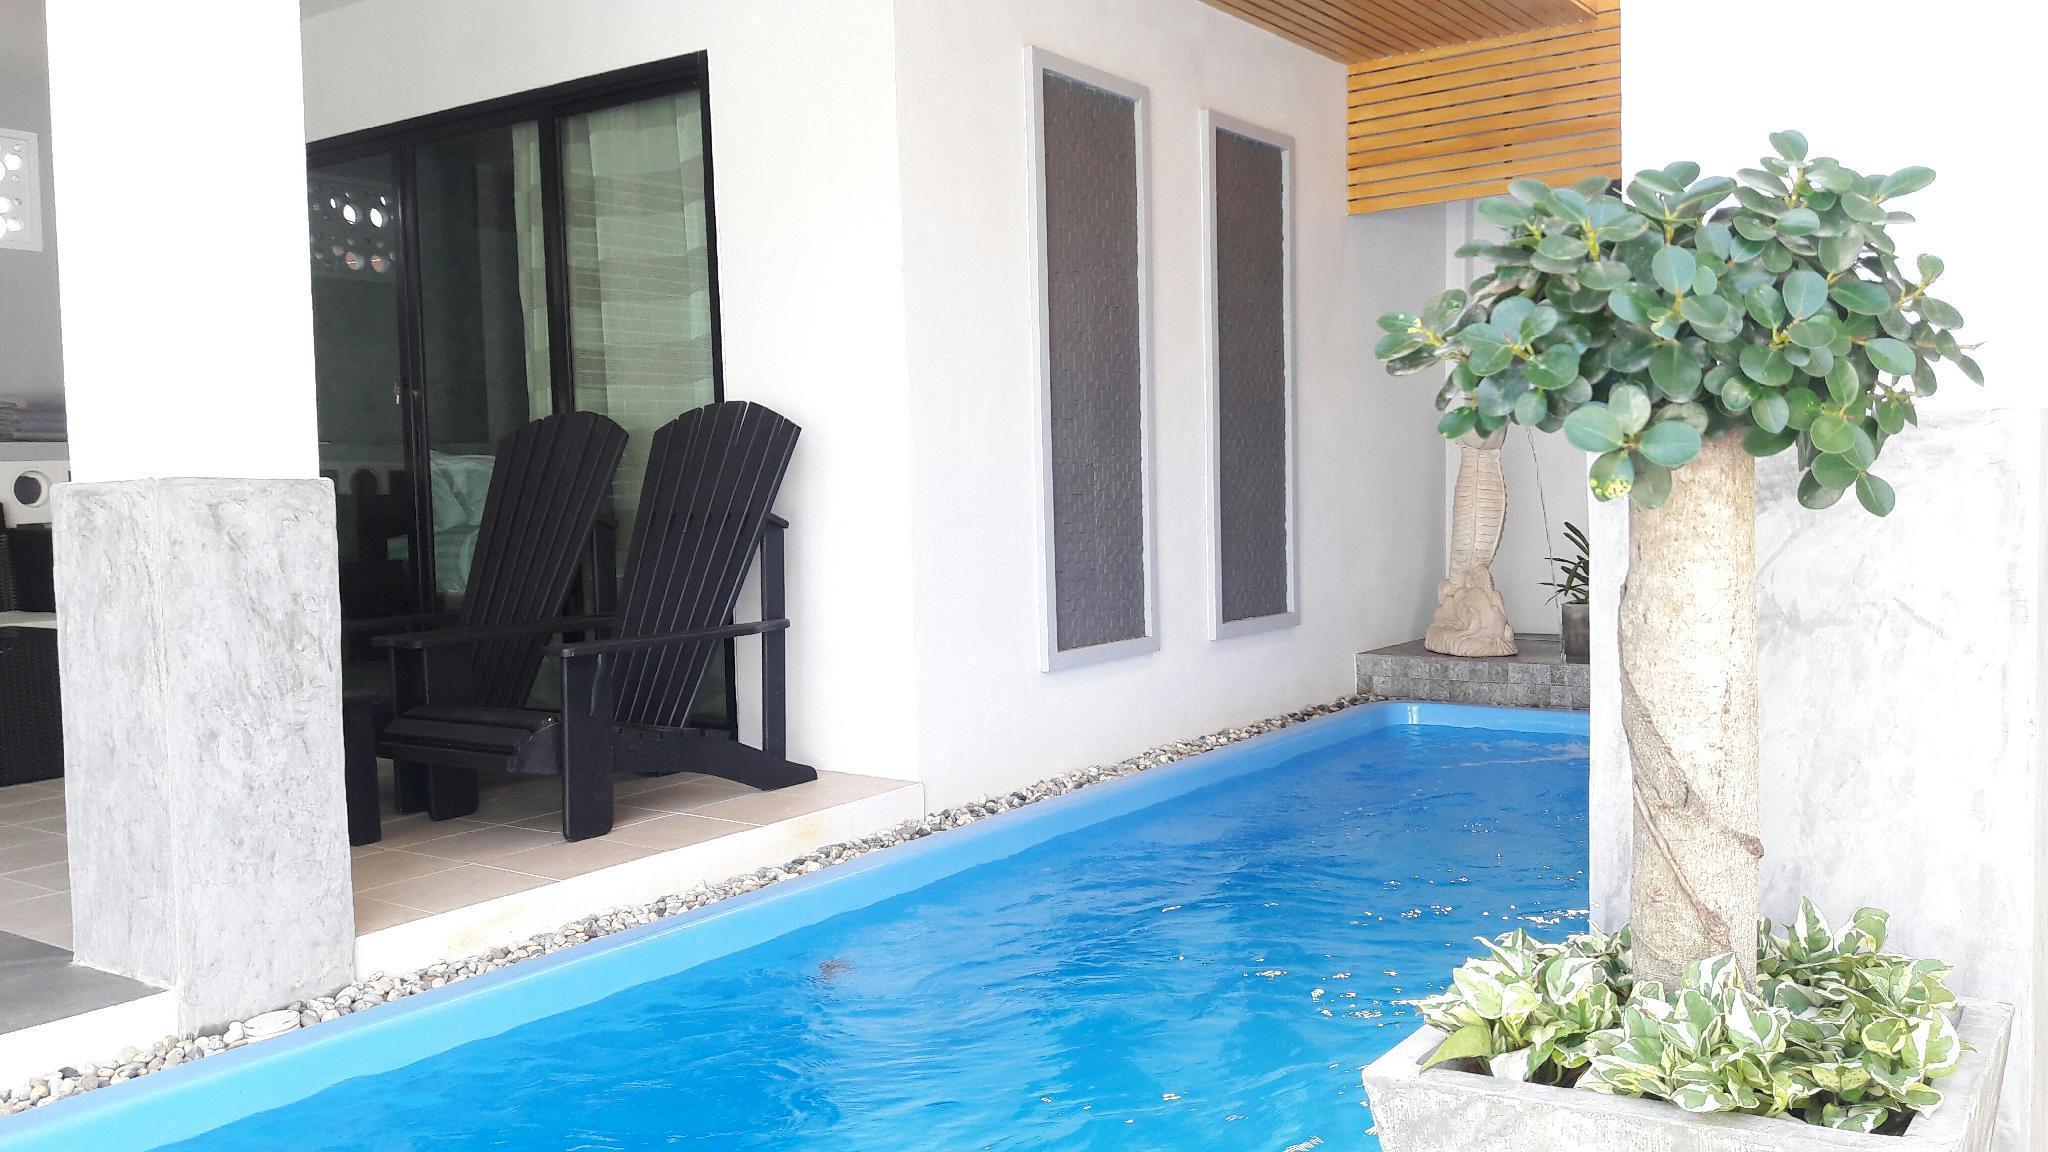 PaJee 2 Bedrooms Pool Villa, near Naiyang beach PaJee 2 Bedrooms Pool Villa, near Naiyang beach